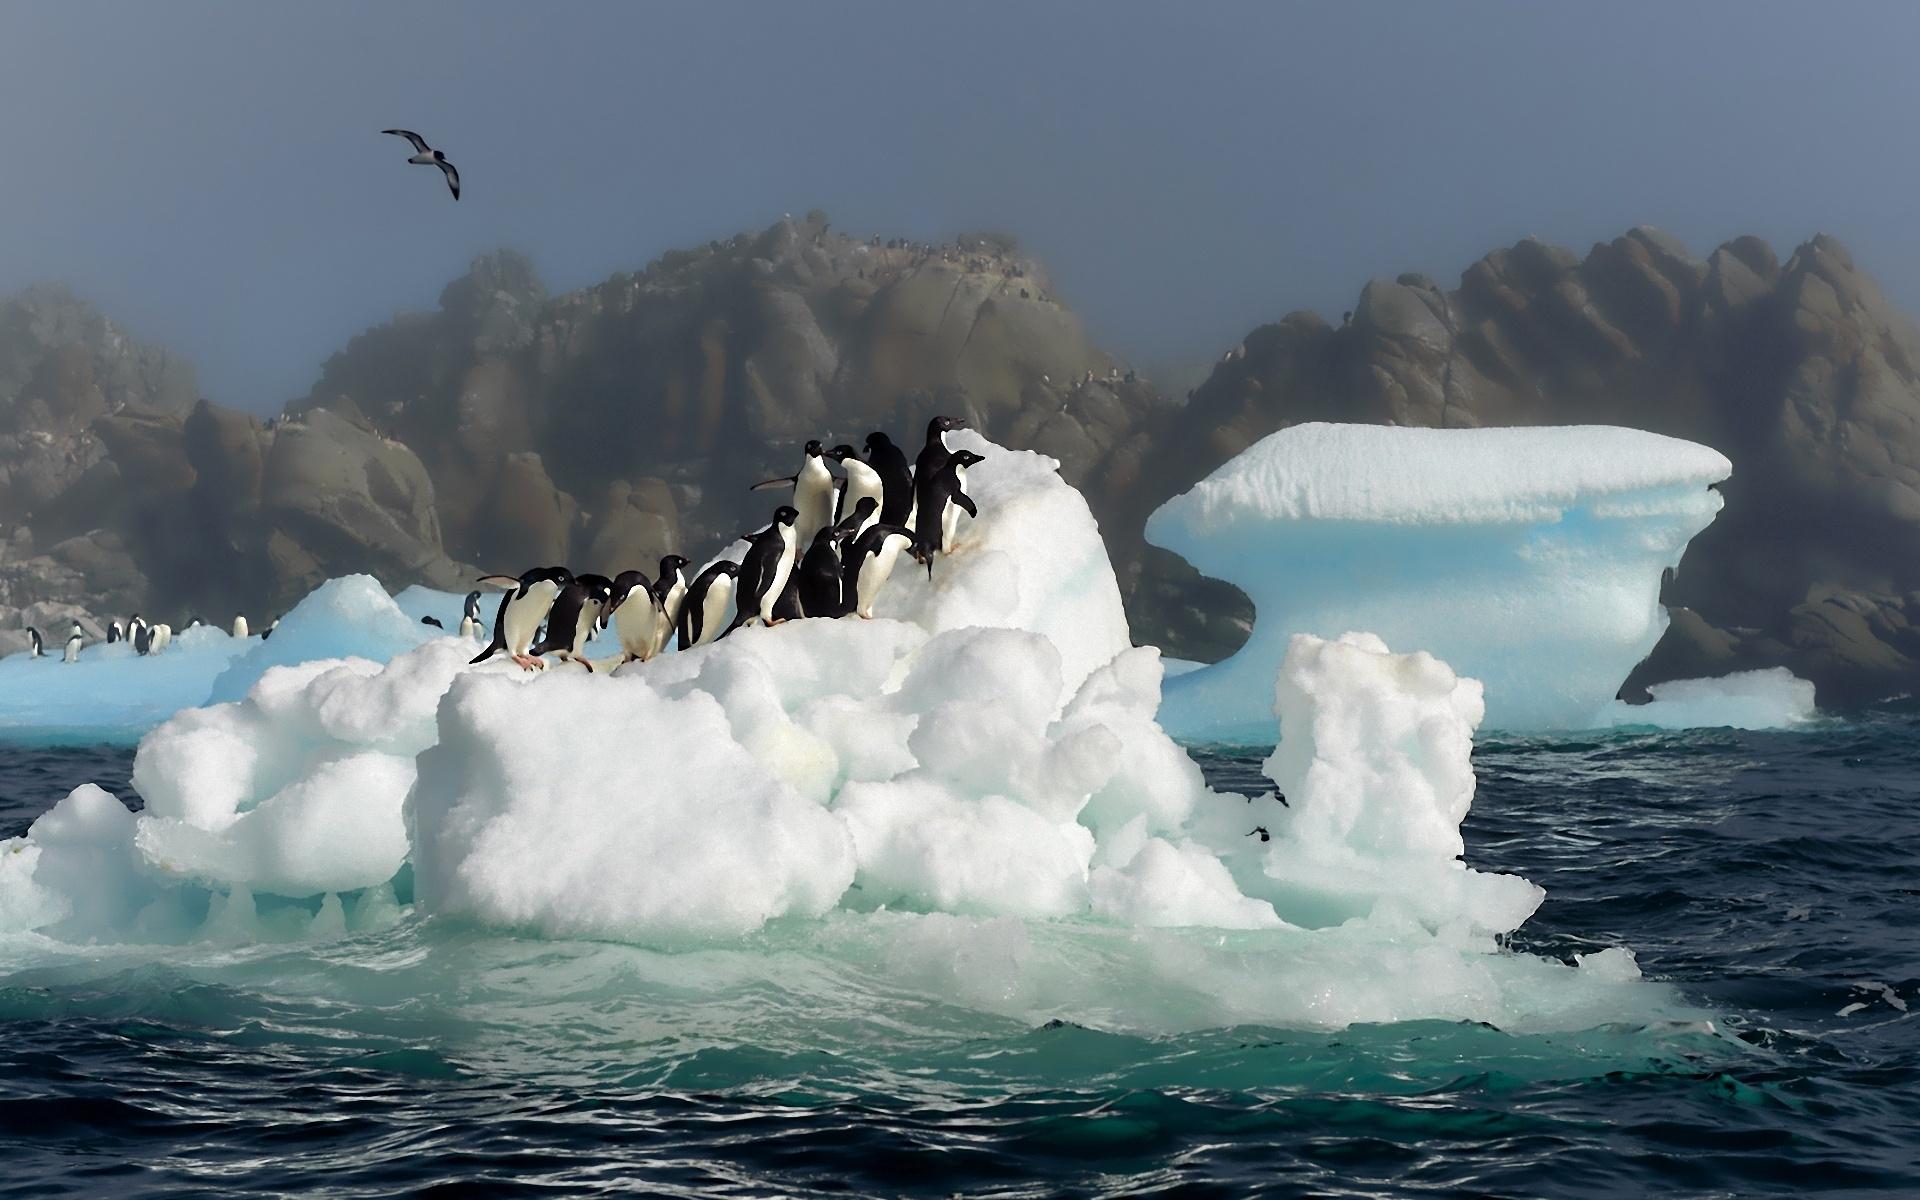 профильных обои на рабочий стол пингвины на льдине бибер проехался